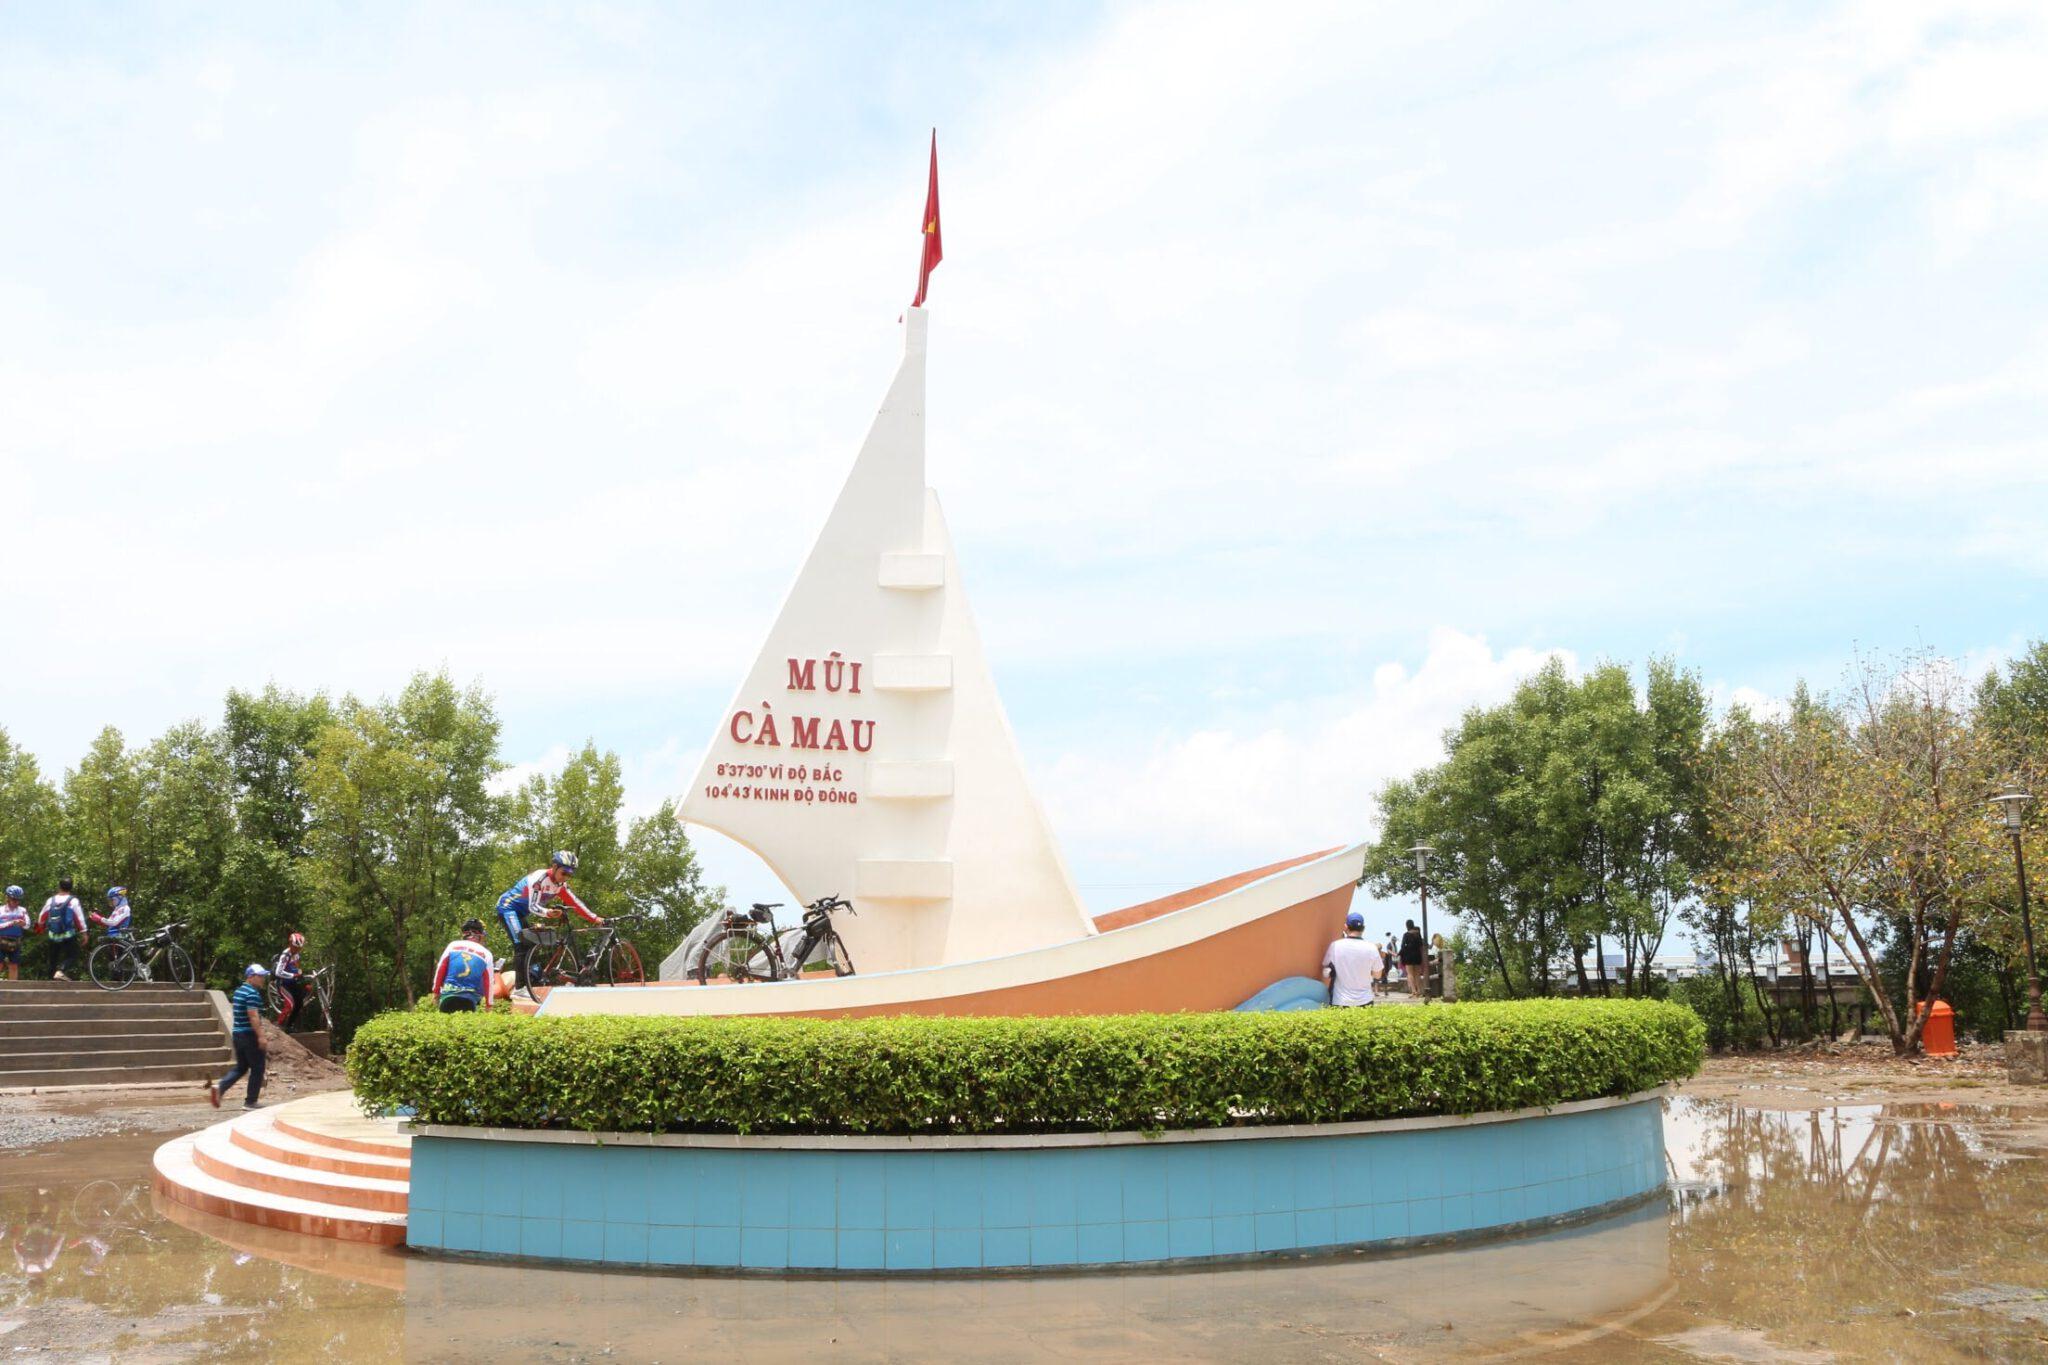 Hành trình phá đảo nơi tận cùng của Tổ quốc